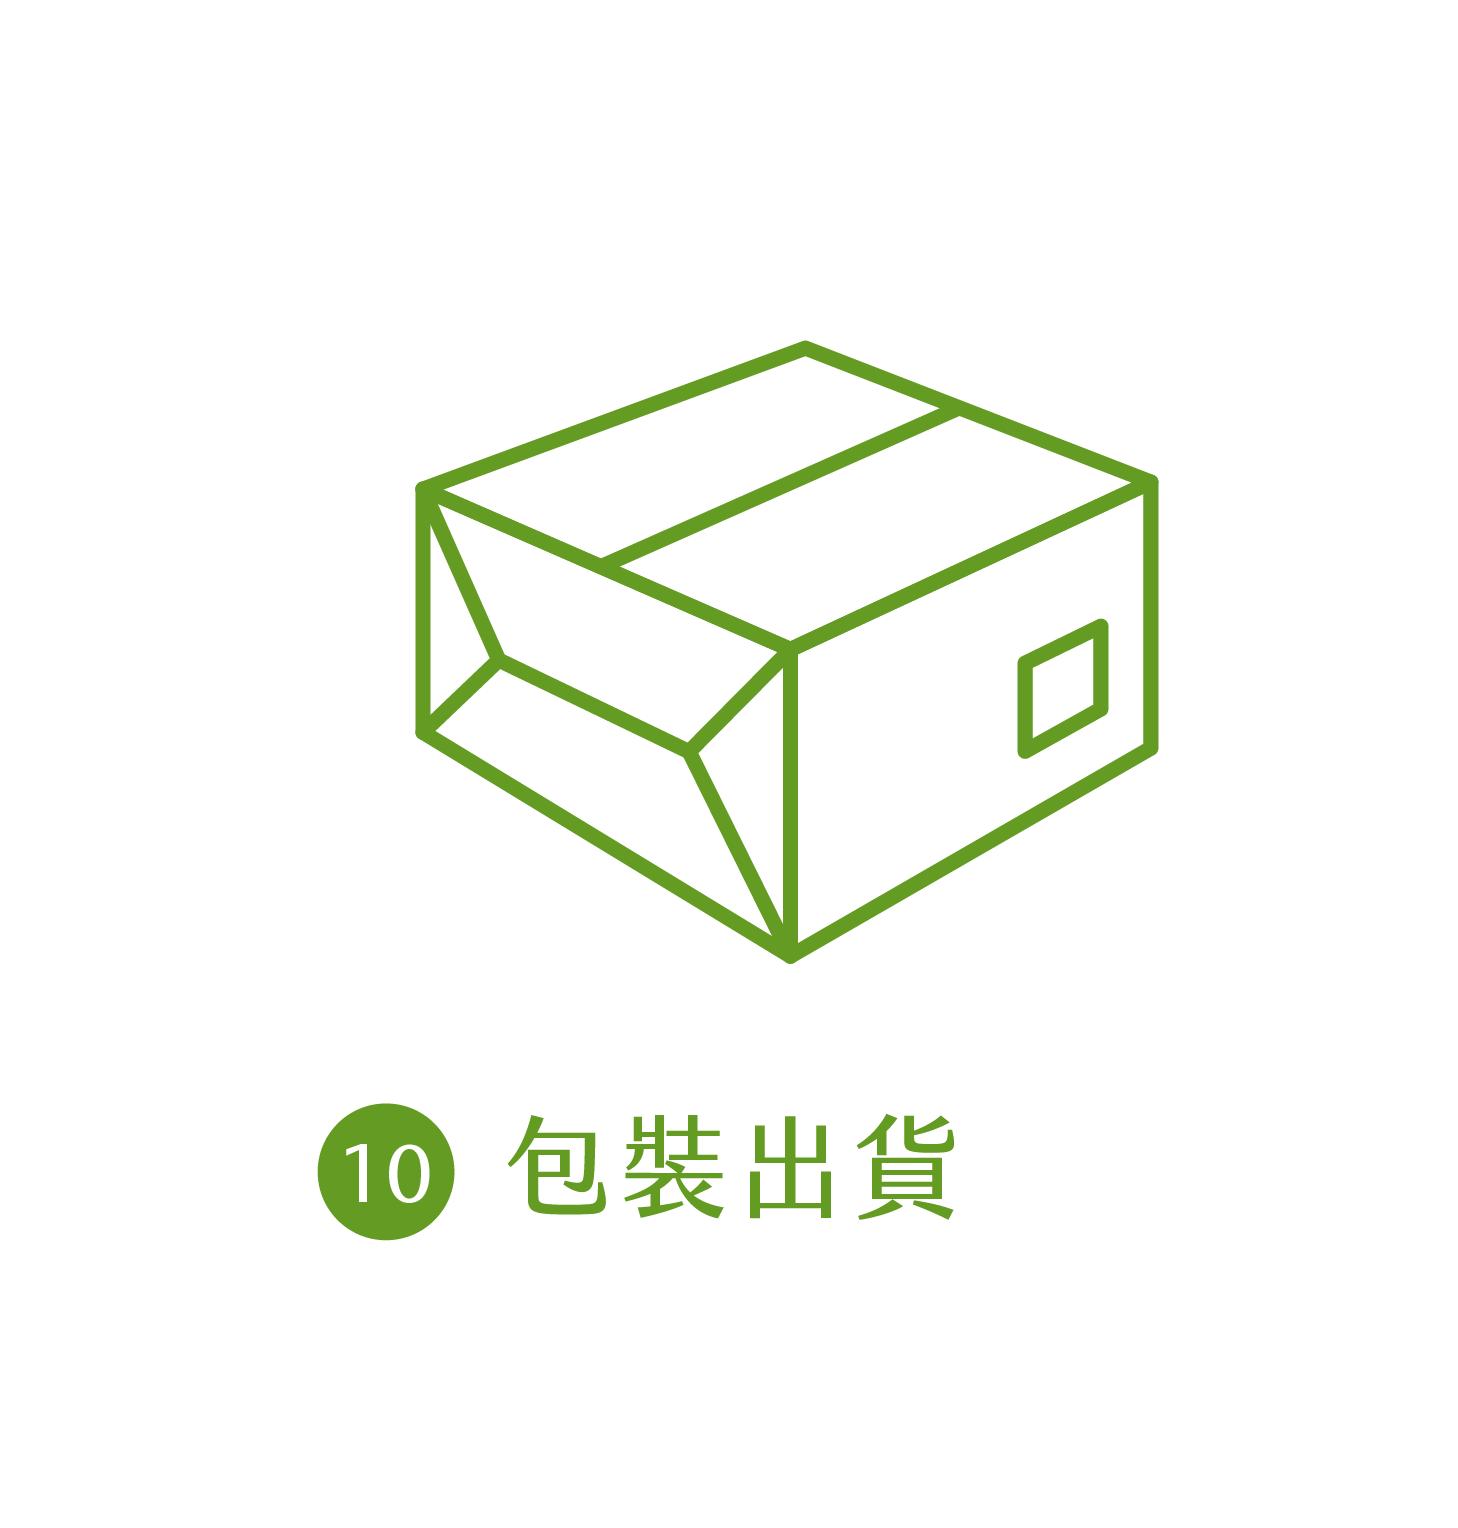 晁鎮茶苑古樹茶雨林製作流程包裝出貨